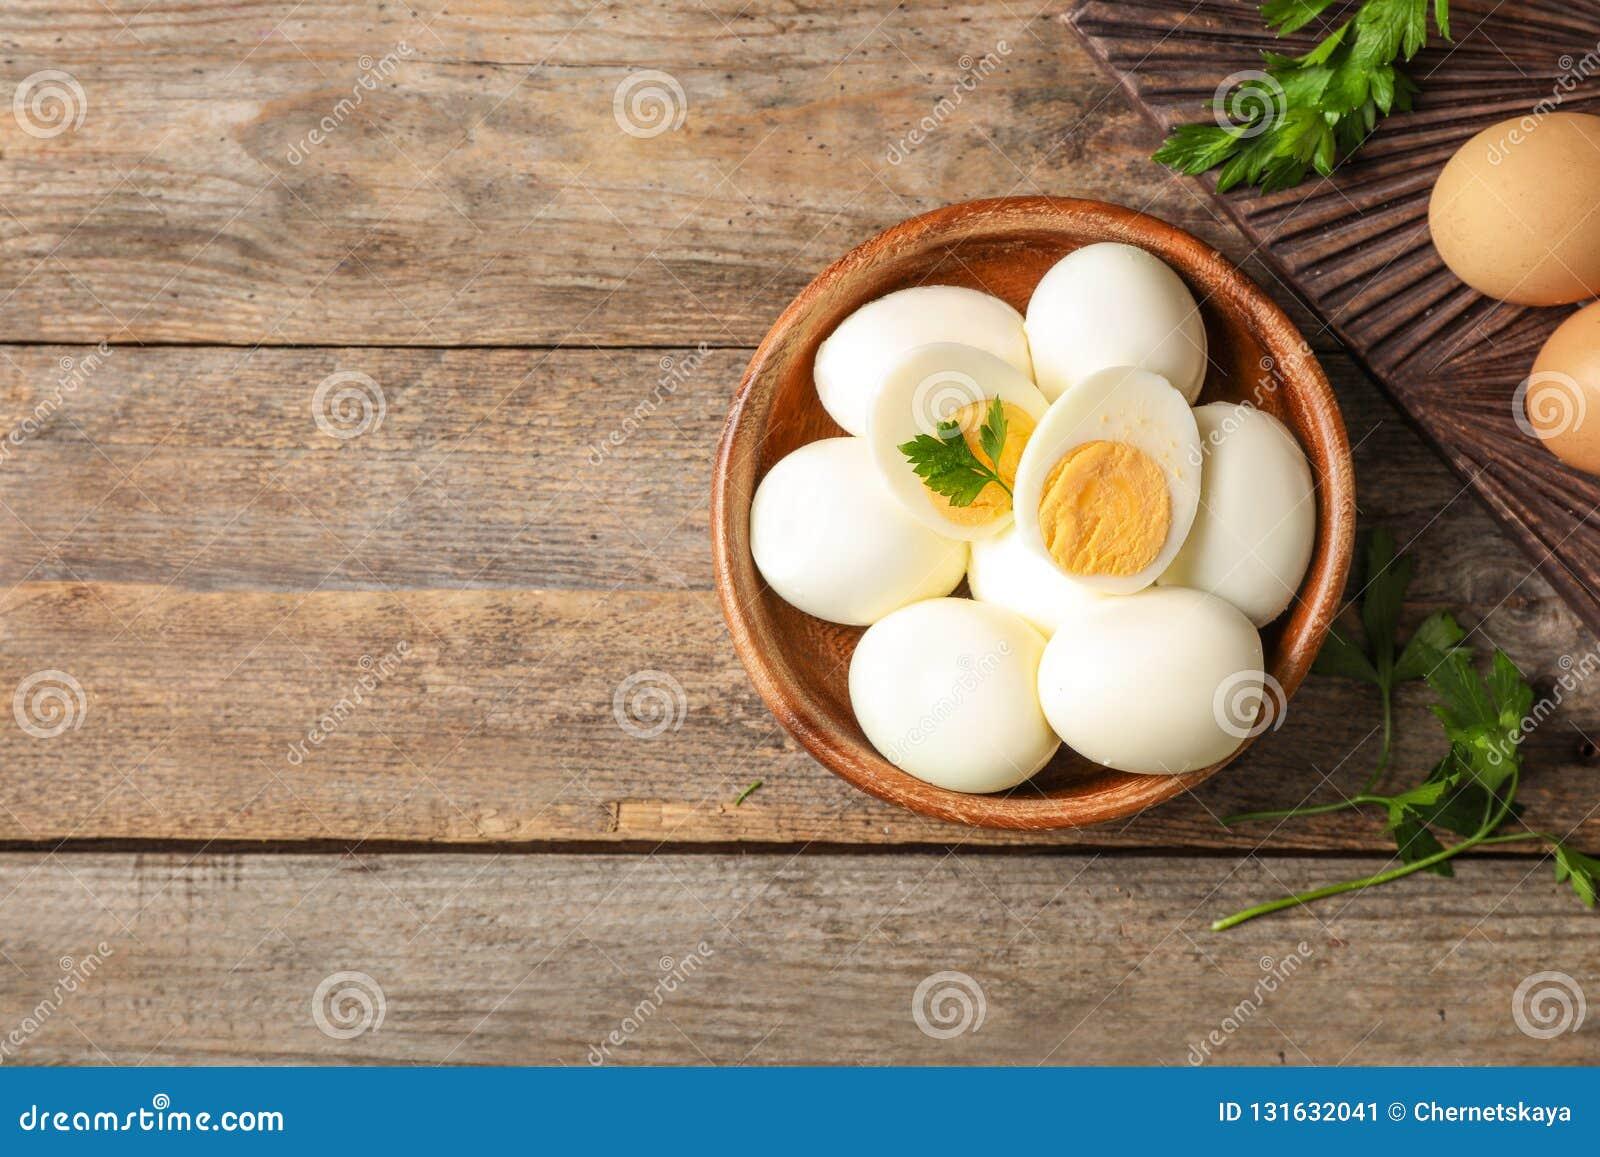 Composição colocada lisa com ovos cozidos e espaço para o texto